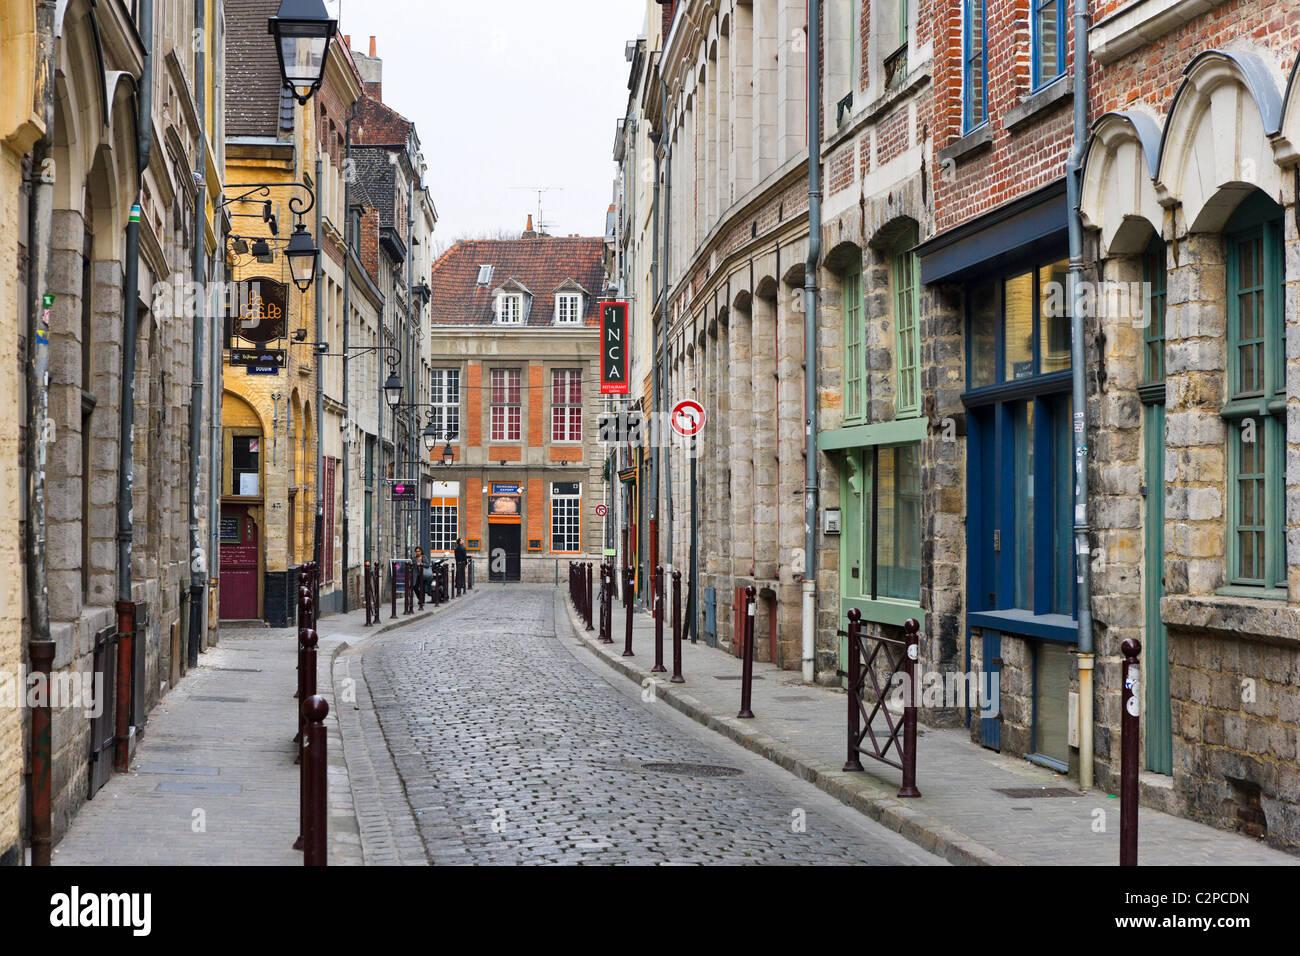 Calle típica del casco antiguo (Vieux Lille), Rue des Trois Mollettes, Lille, Flandes, Francia Imagen De Stock